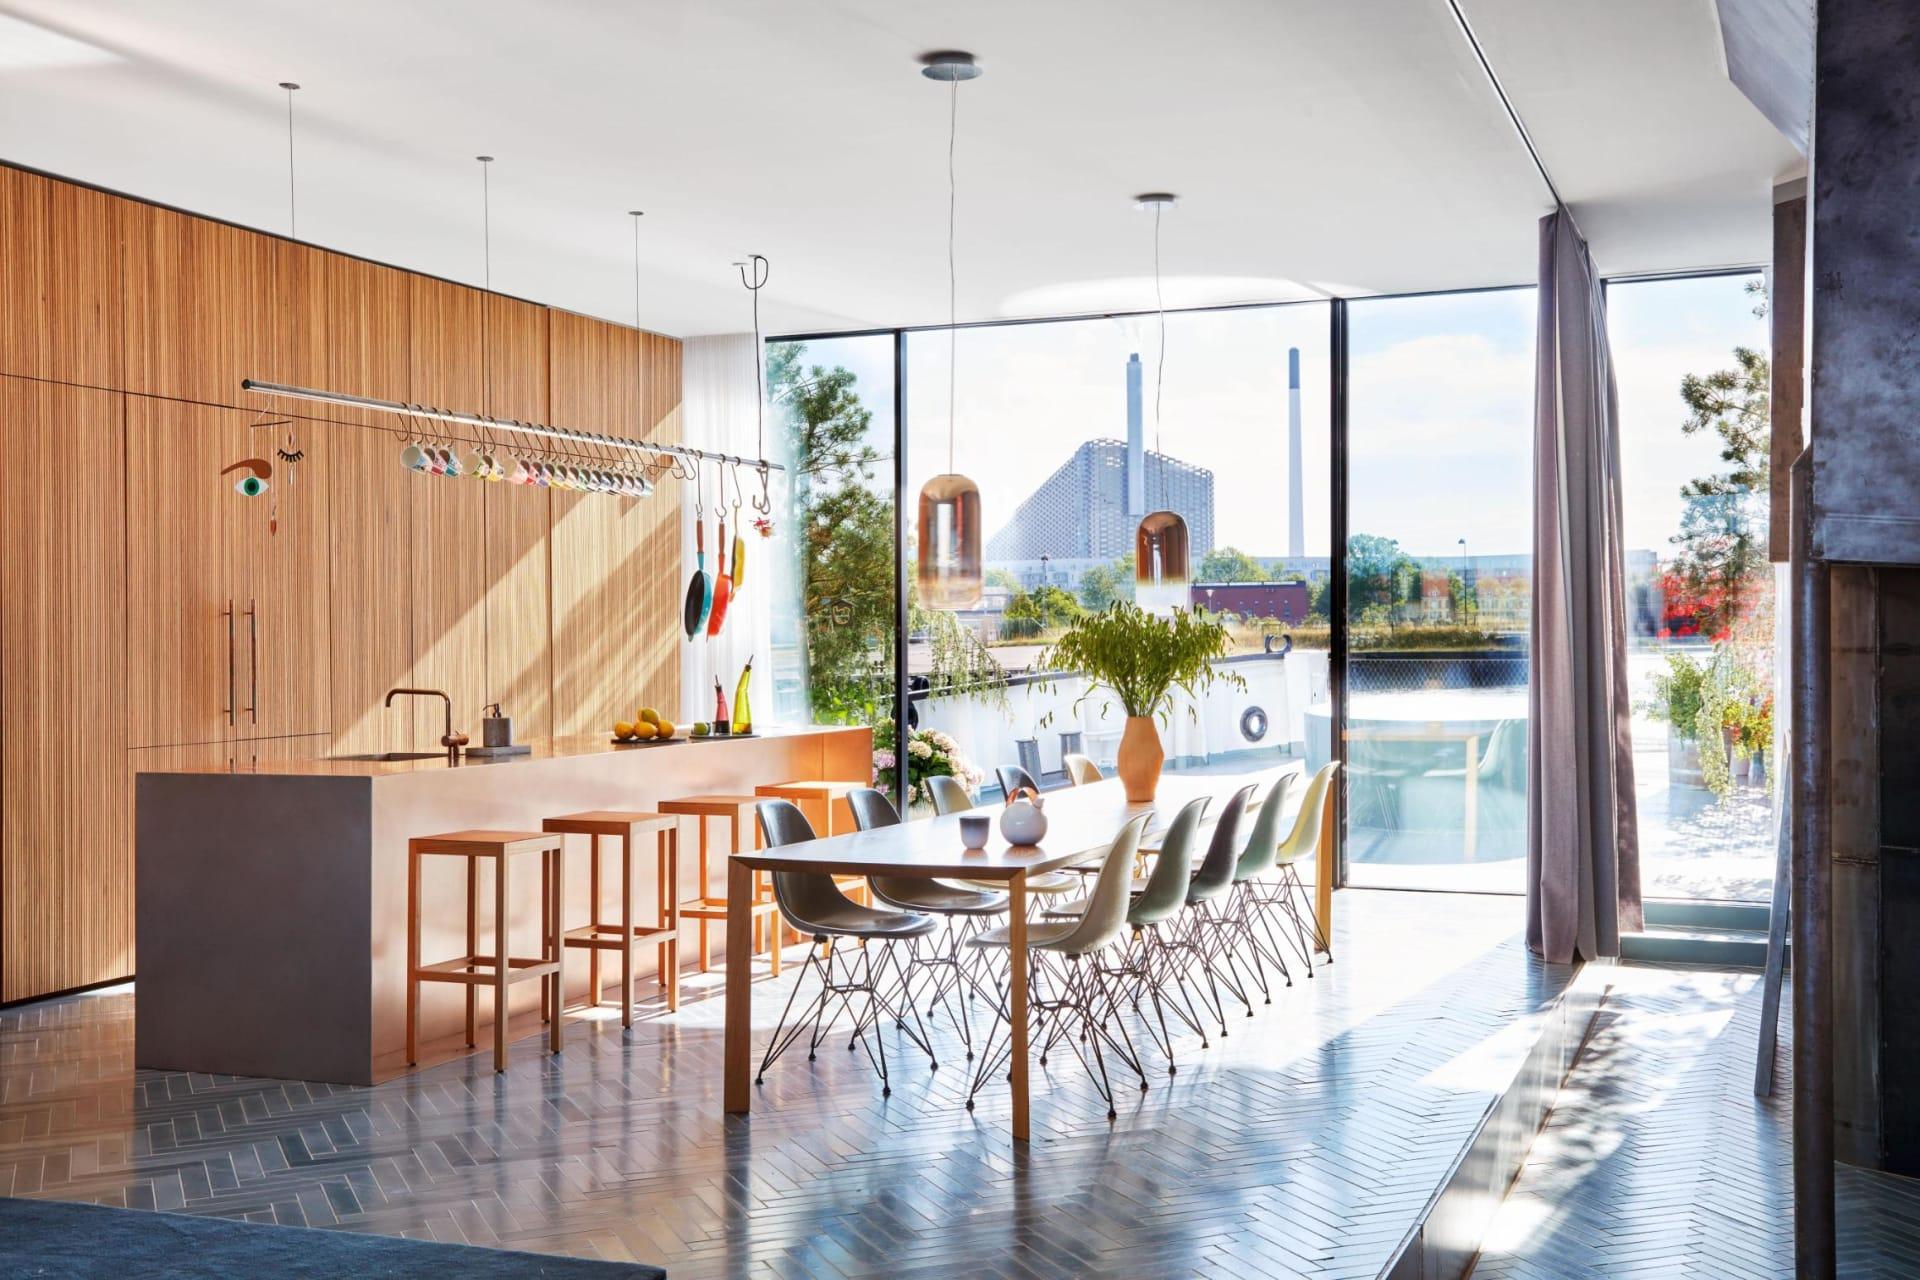 معماري دنماركي يحول سفينة إلى قصر عائم يزن 450 طن لعائلته